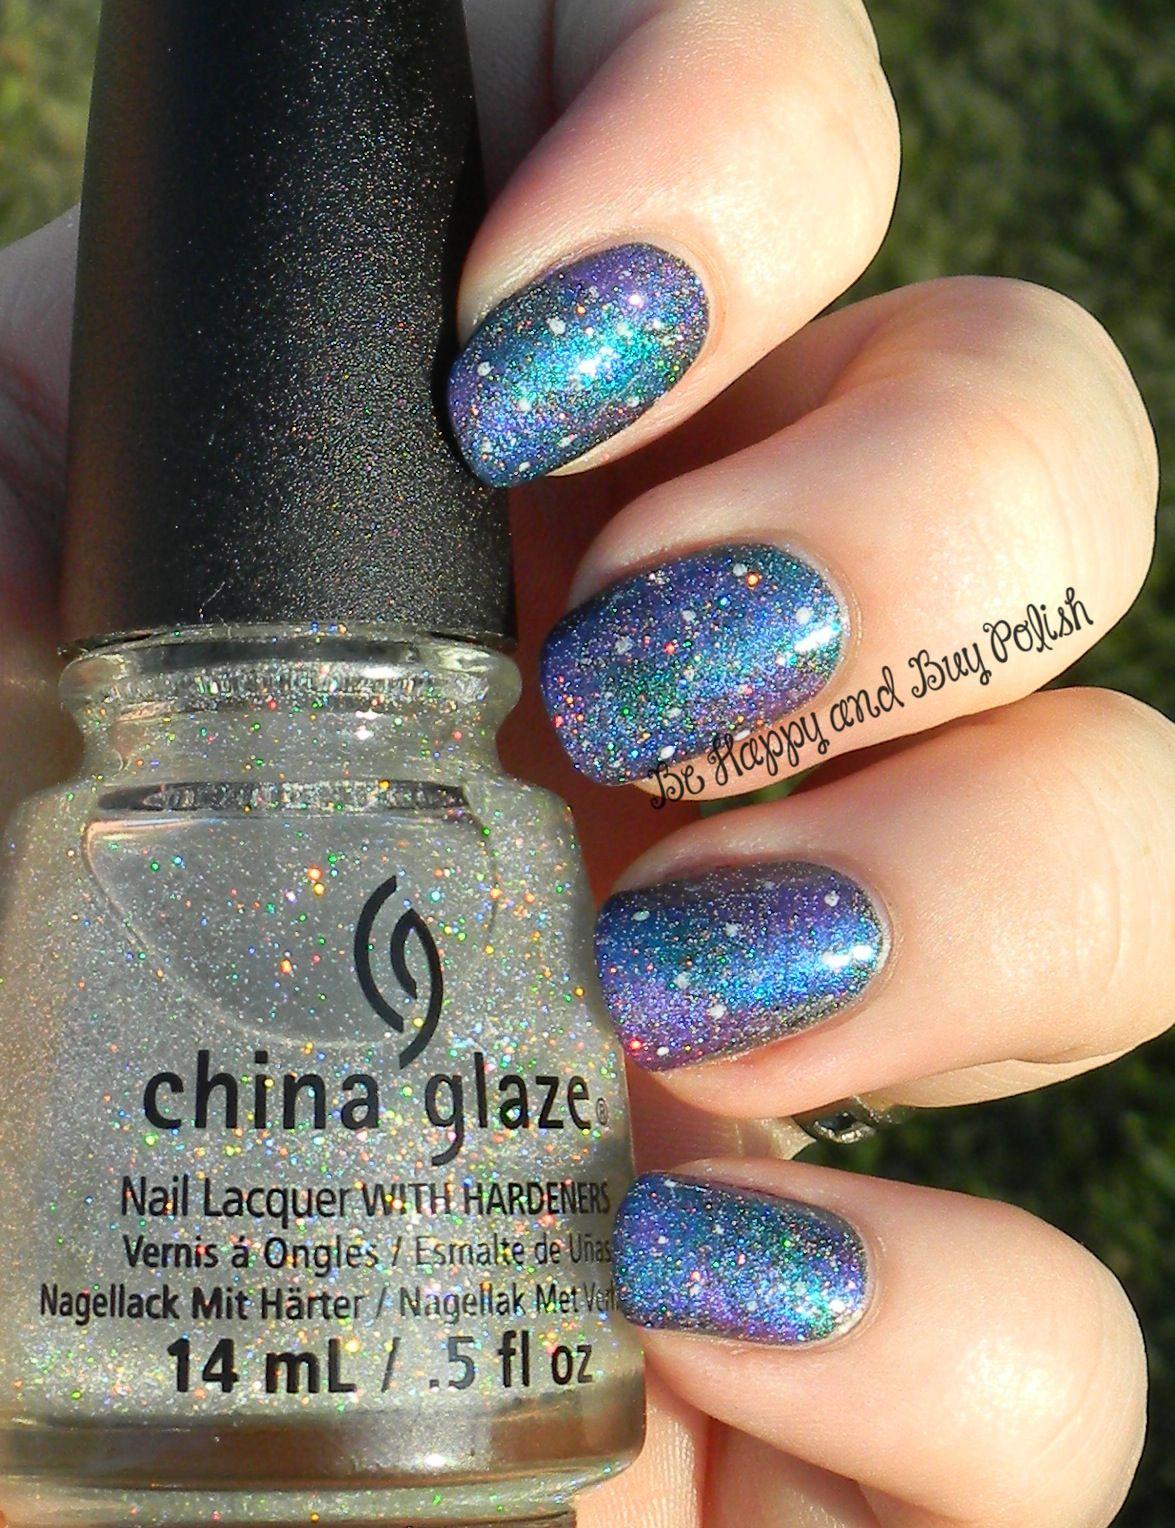 OMD2 Nail Art Challenge: Galaxy Nail Art | Beautiful Nails ...